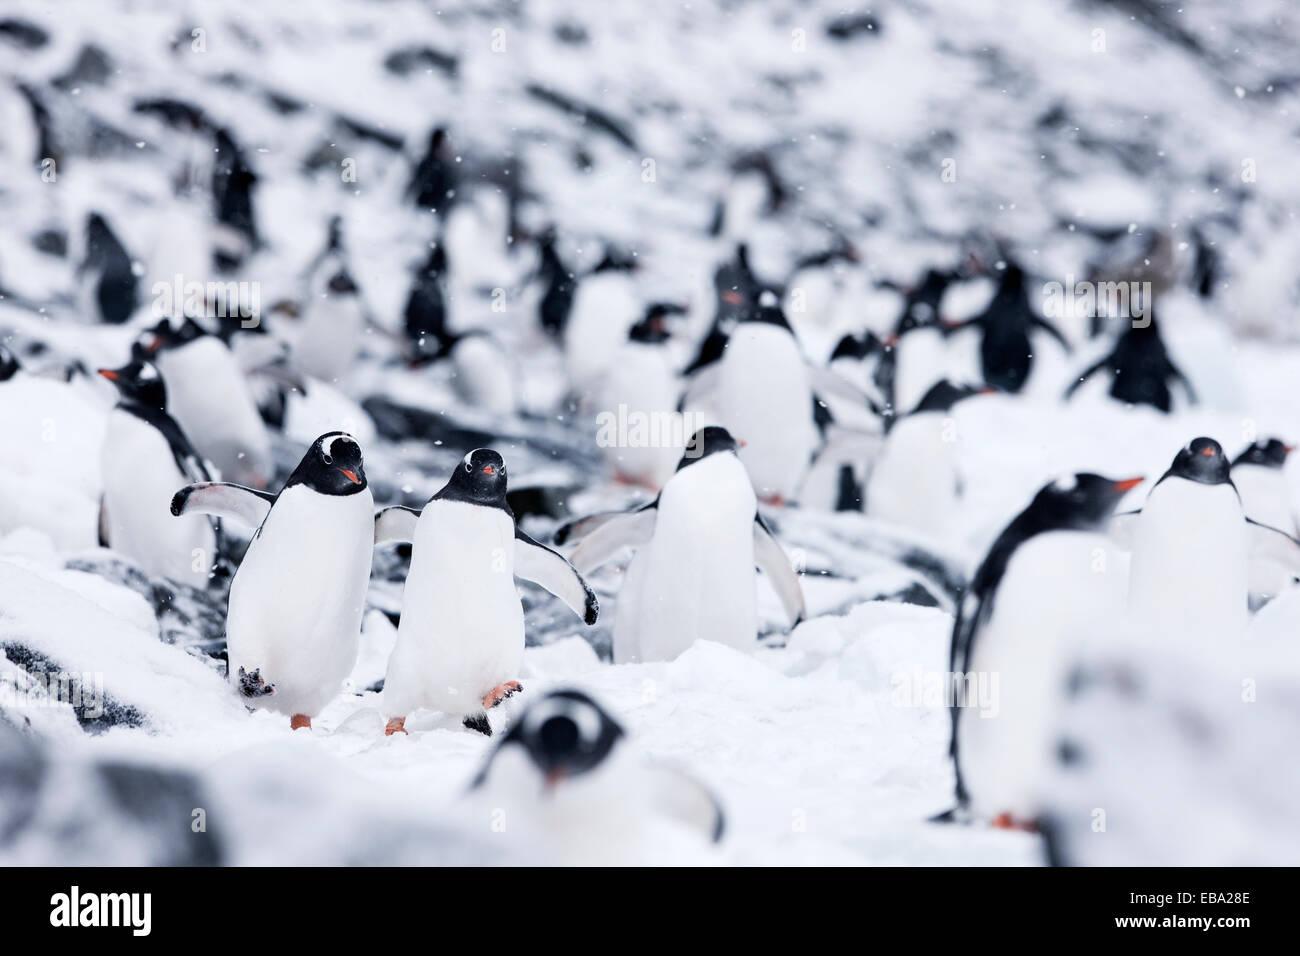 Gentoo penguins (Pygoscelis papua), Antarctic Peninsula, Antarctica - Stock Image